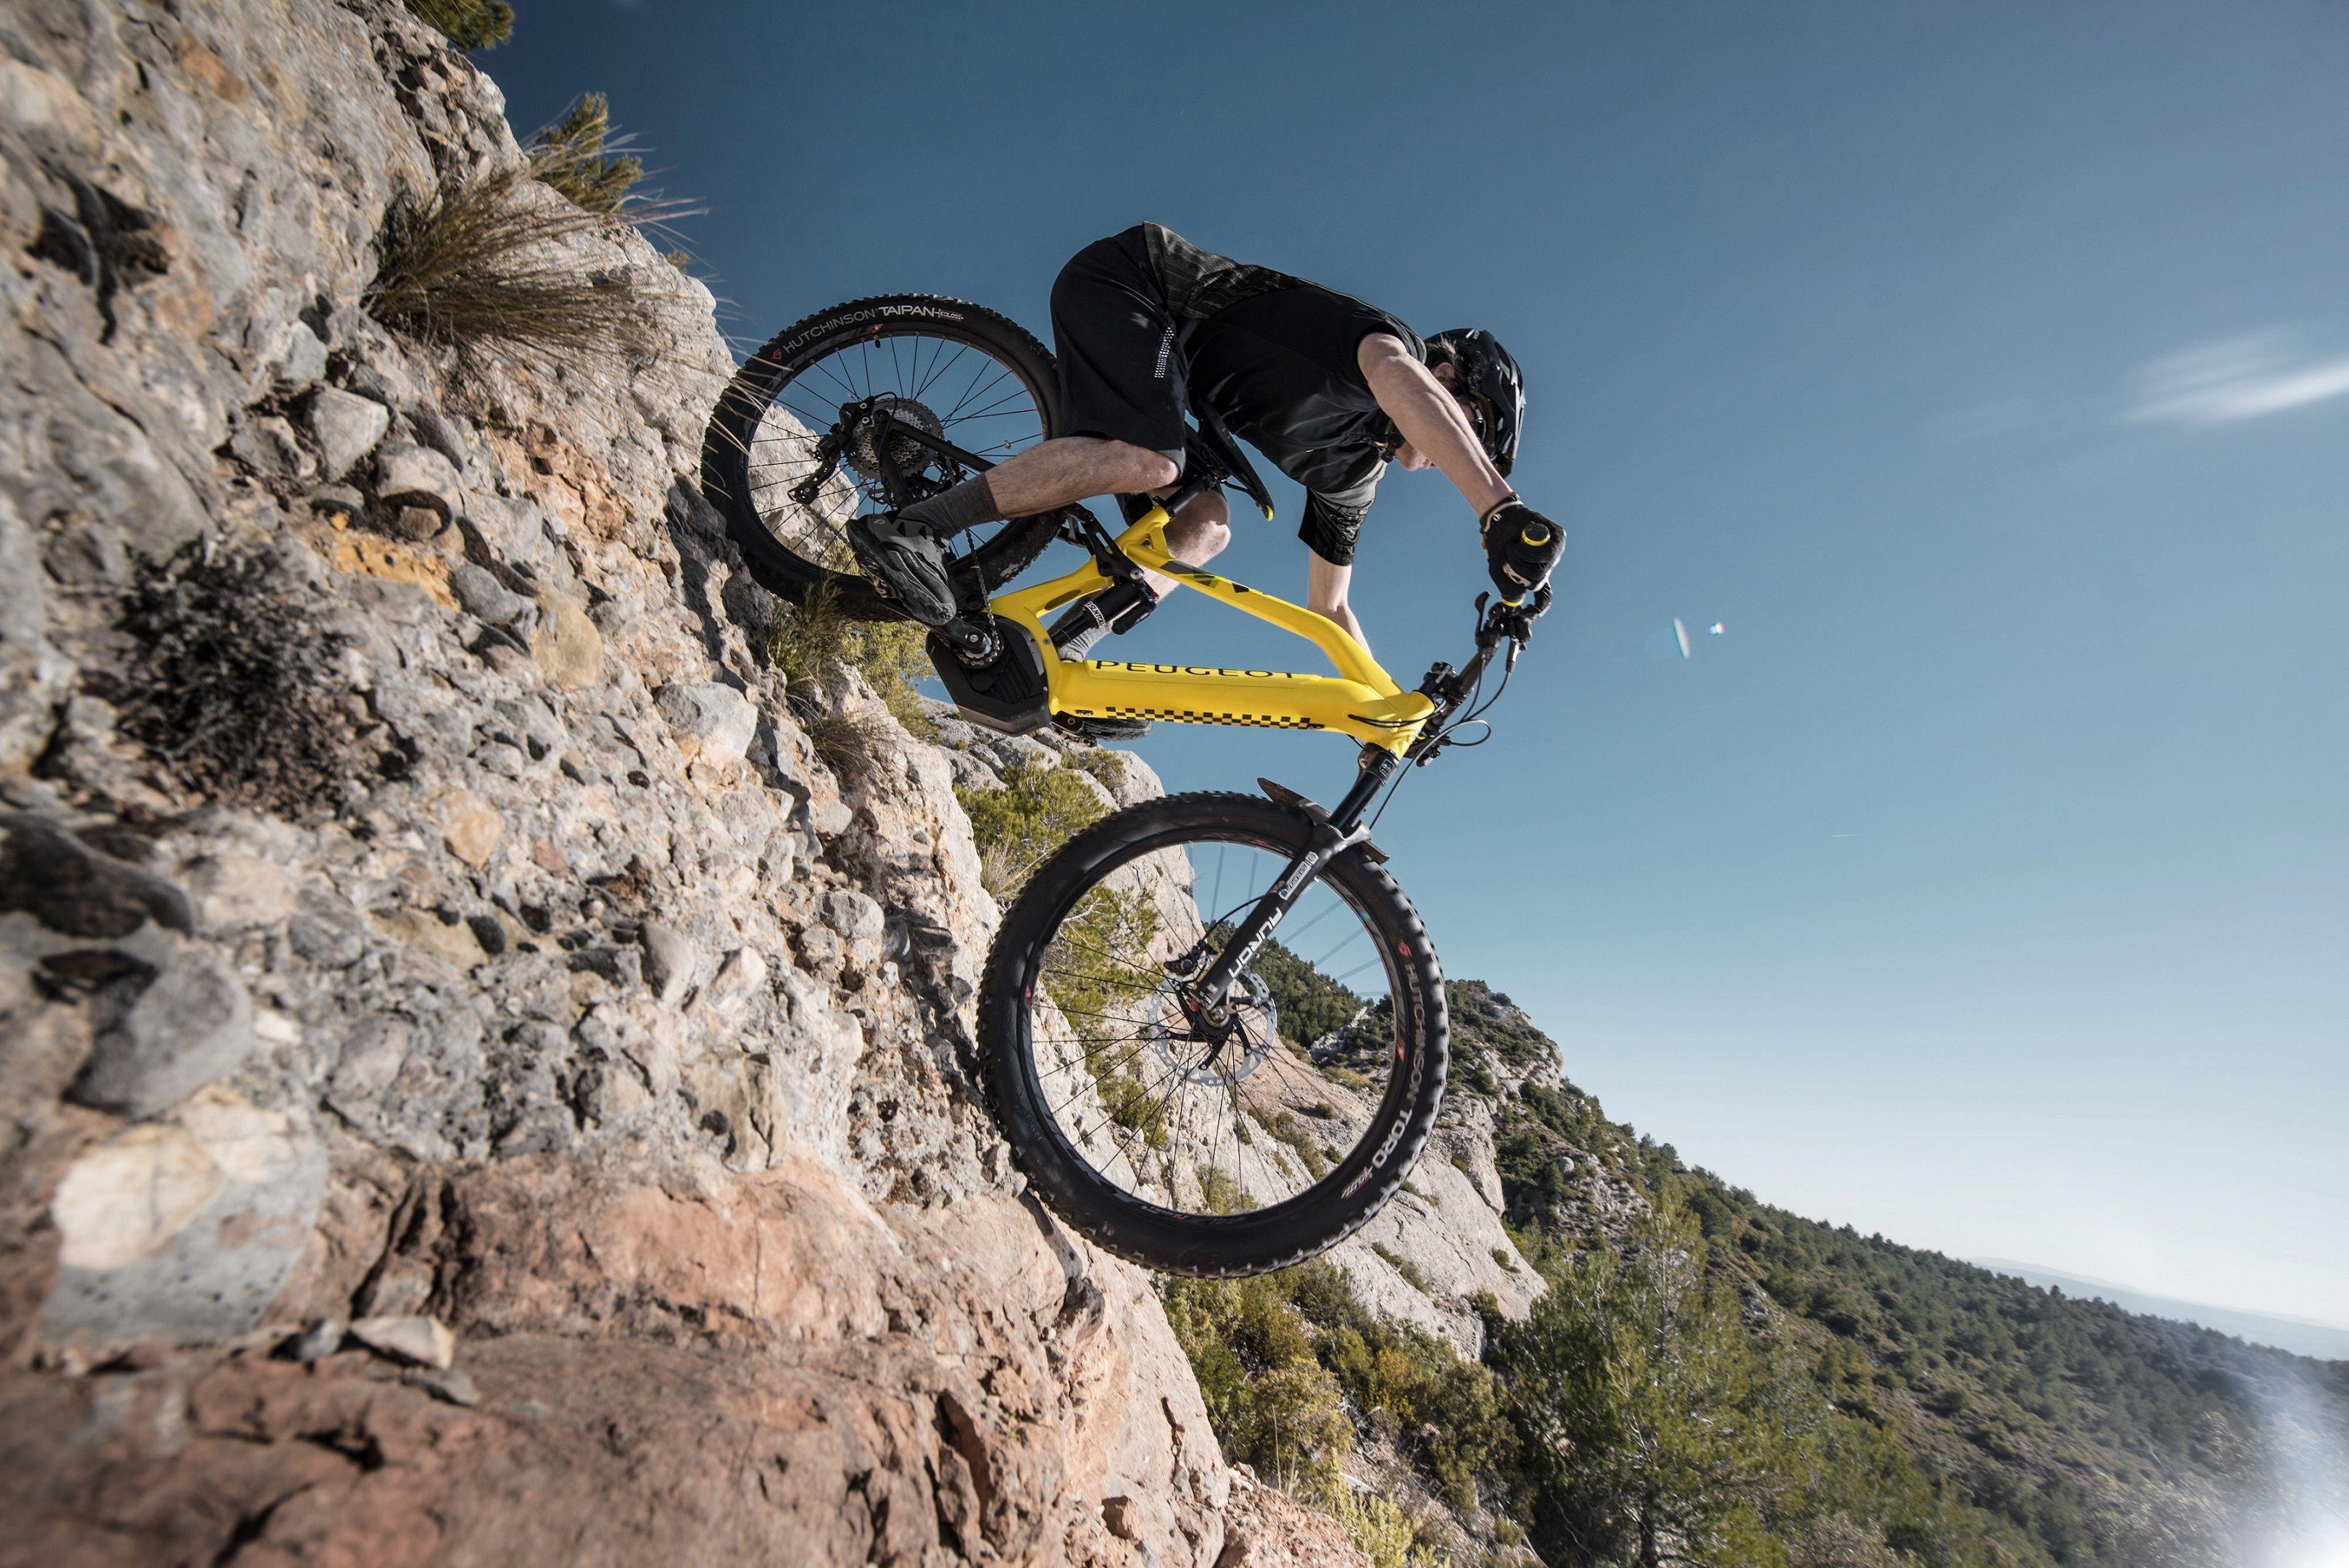 Peugeot presenta su nueva bicicleta de montaña eléctrica con batería integrada